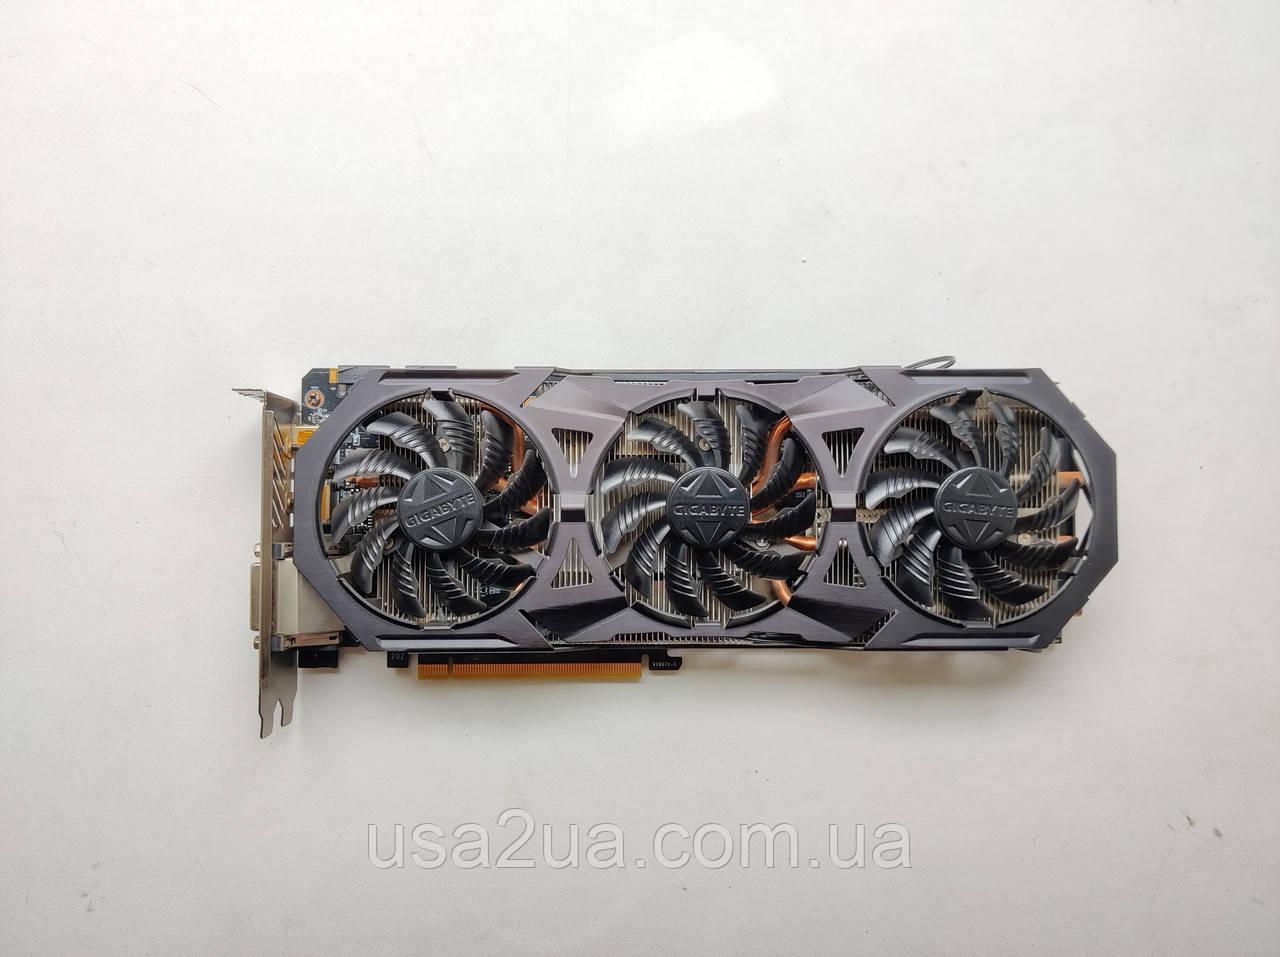 Відеокарта Gigabyte G1 Windforce GeForce GTX 1070 8GB gddr5 256 BIT гарантія кредит